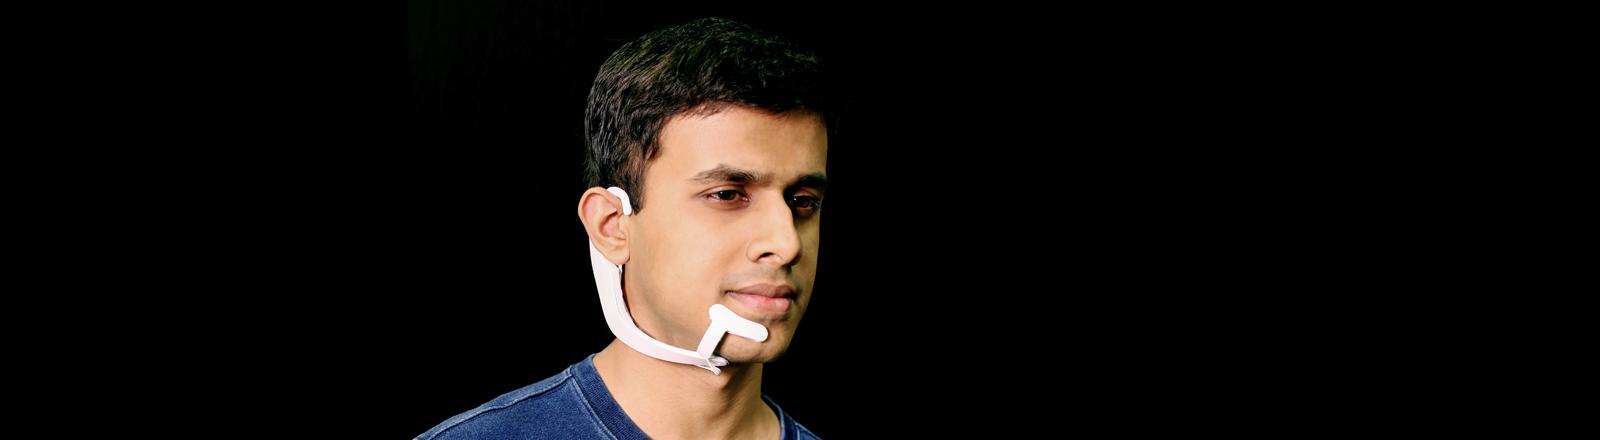 Arnav Kapur trägt sein Gerät mit dem Namen Alter Ego, ein weißer Bügel, der hinter dem linken Ohr beginnt und am Hals entlang bis zum Kinn reicht.